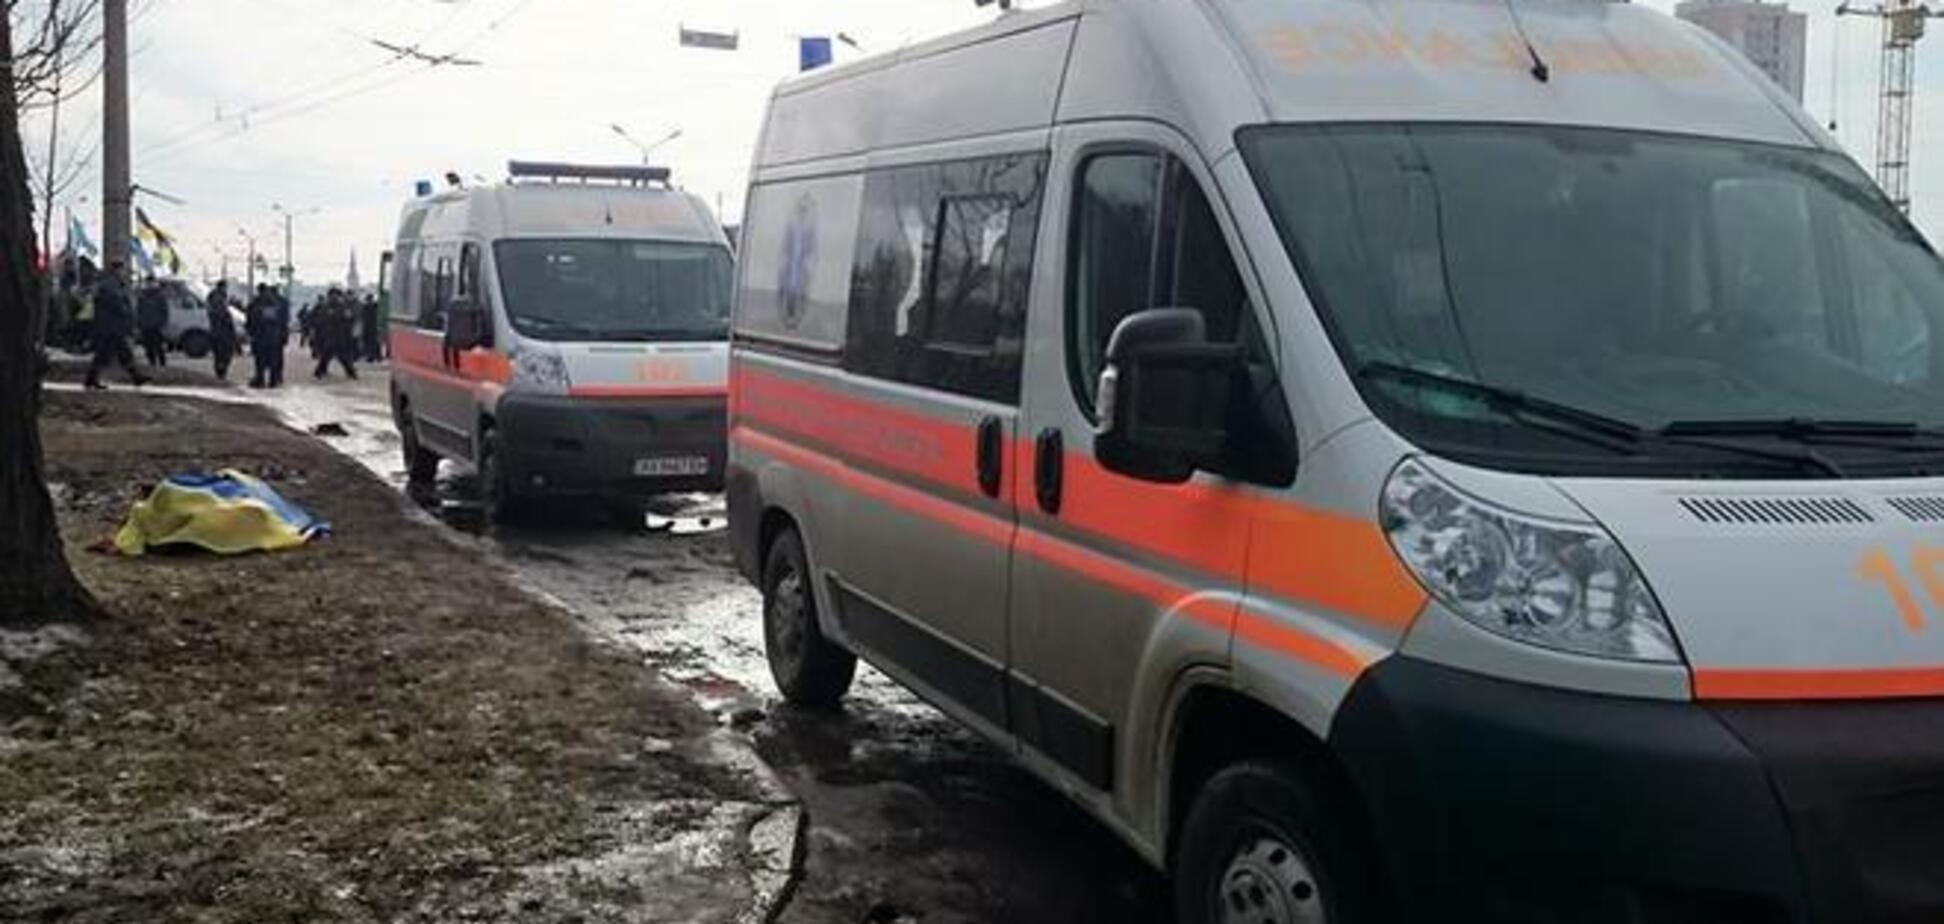 В Харькове АТО. Задержали 4 подозреваемых в теракте - Турчинов